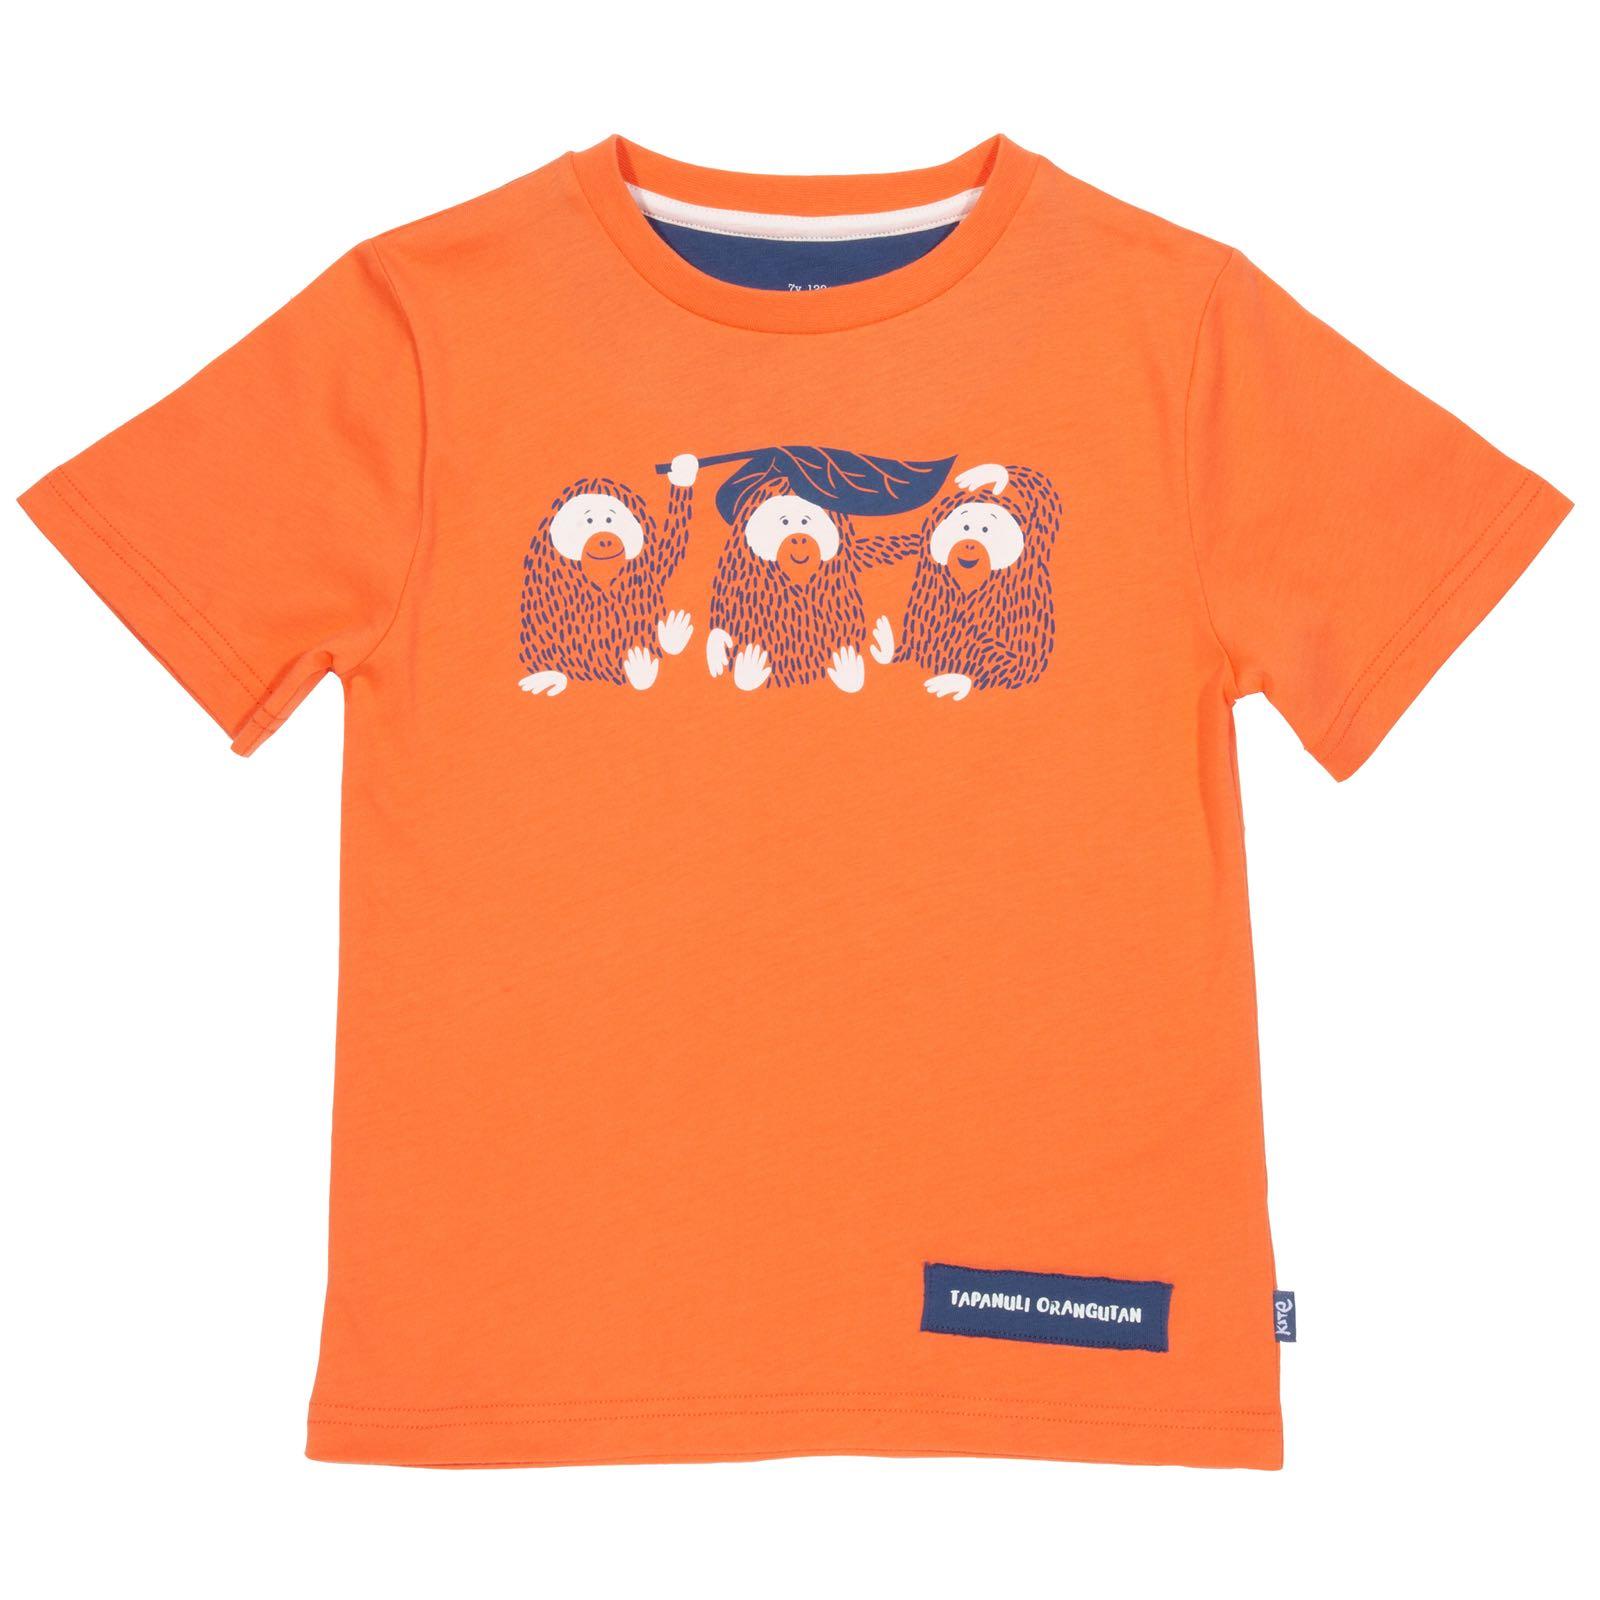 Kite Tapanuli T Shirt